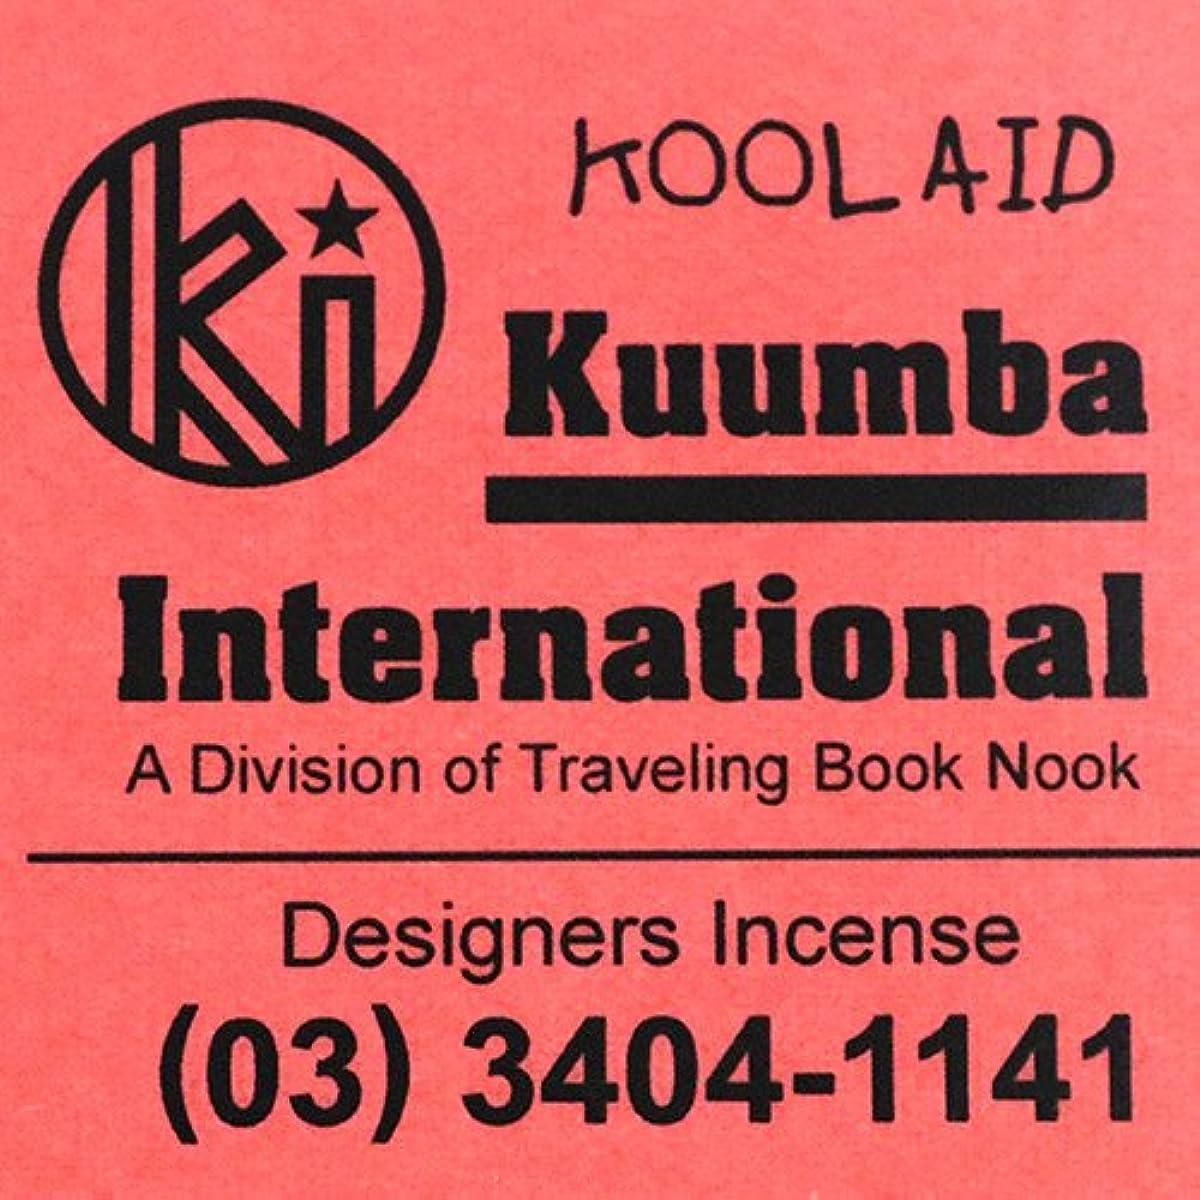 距離実験をするより平らな(クンバ) KUUMBA『incense』(KOOL AID) (Regular size)